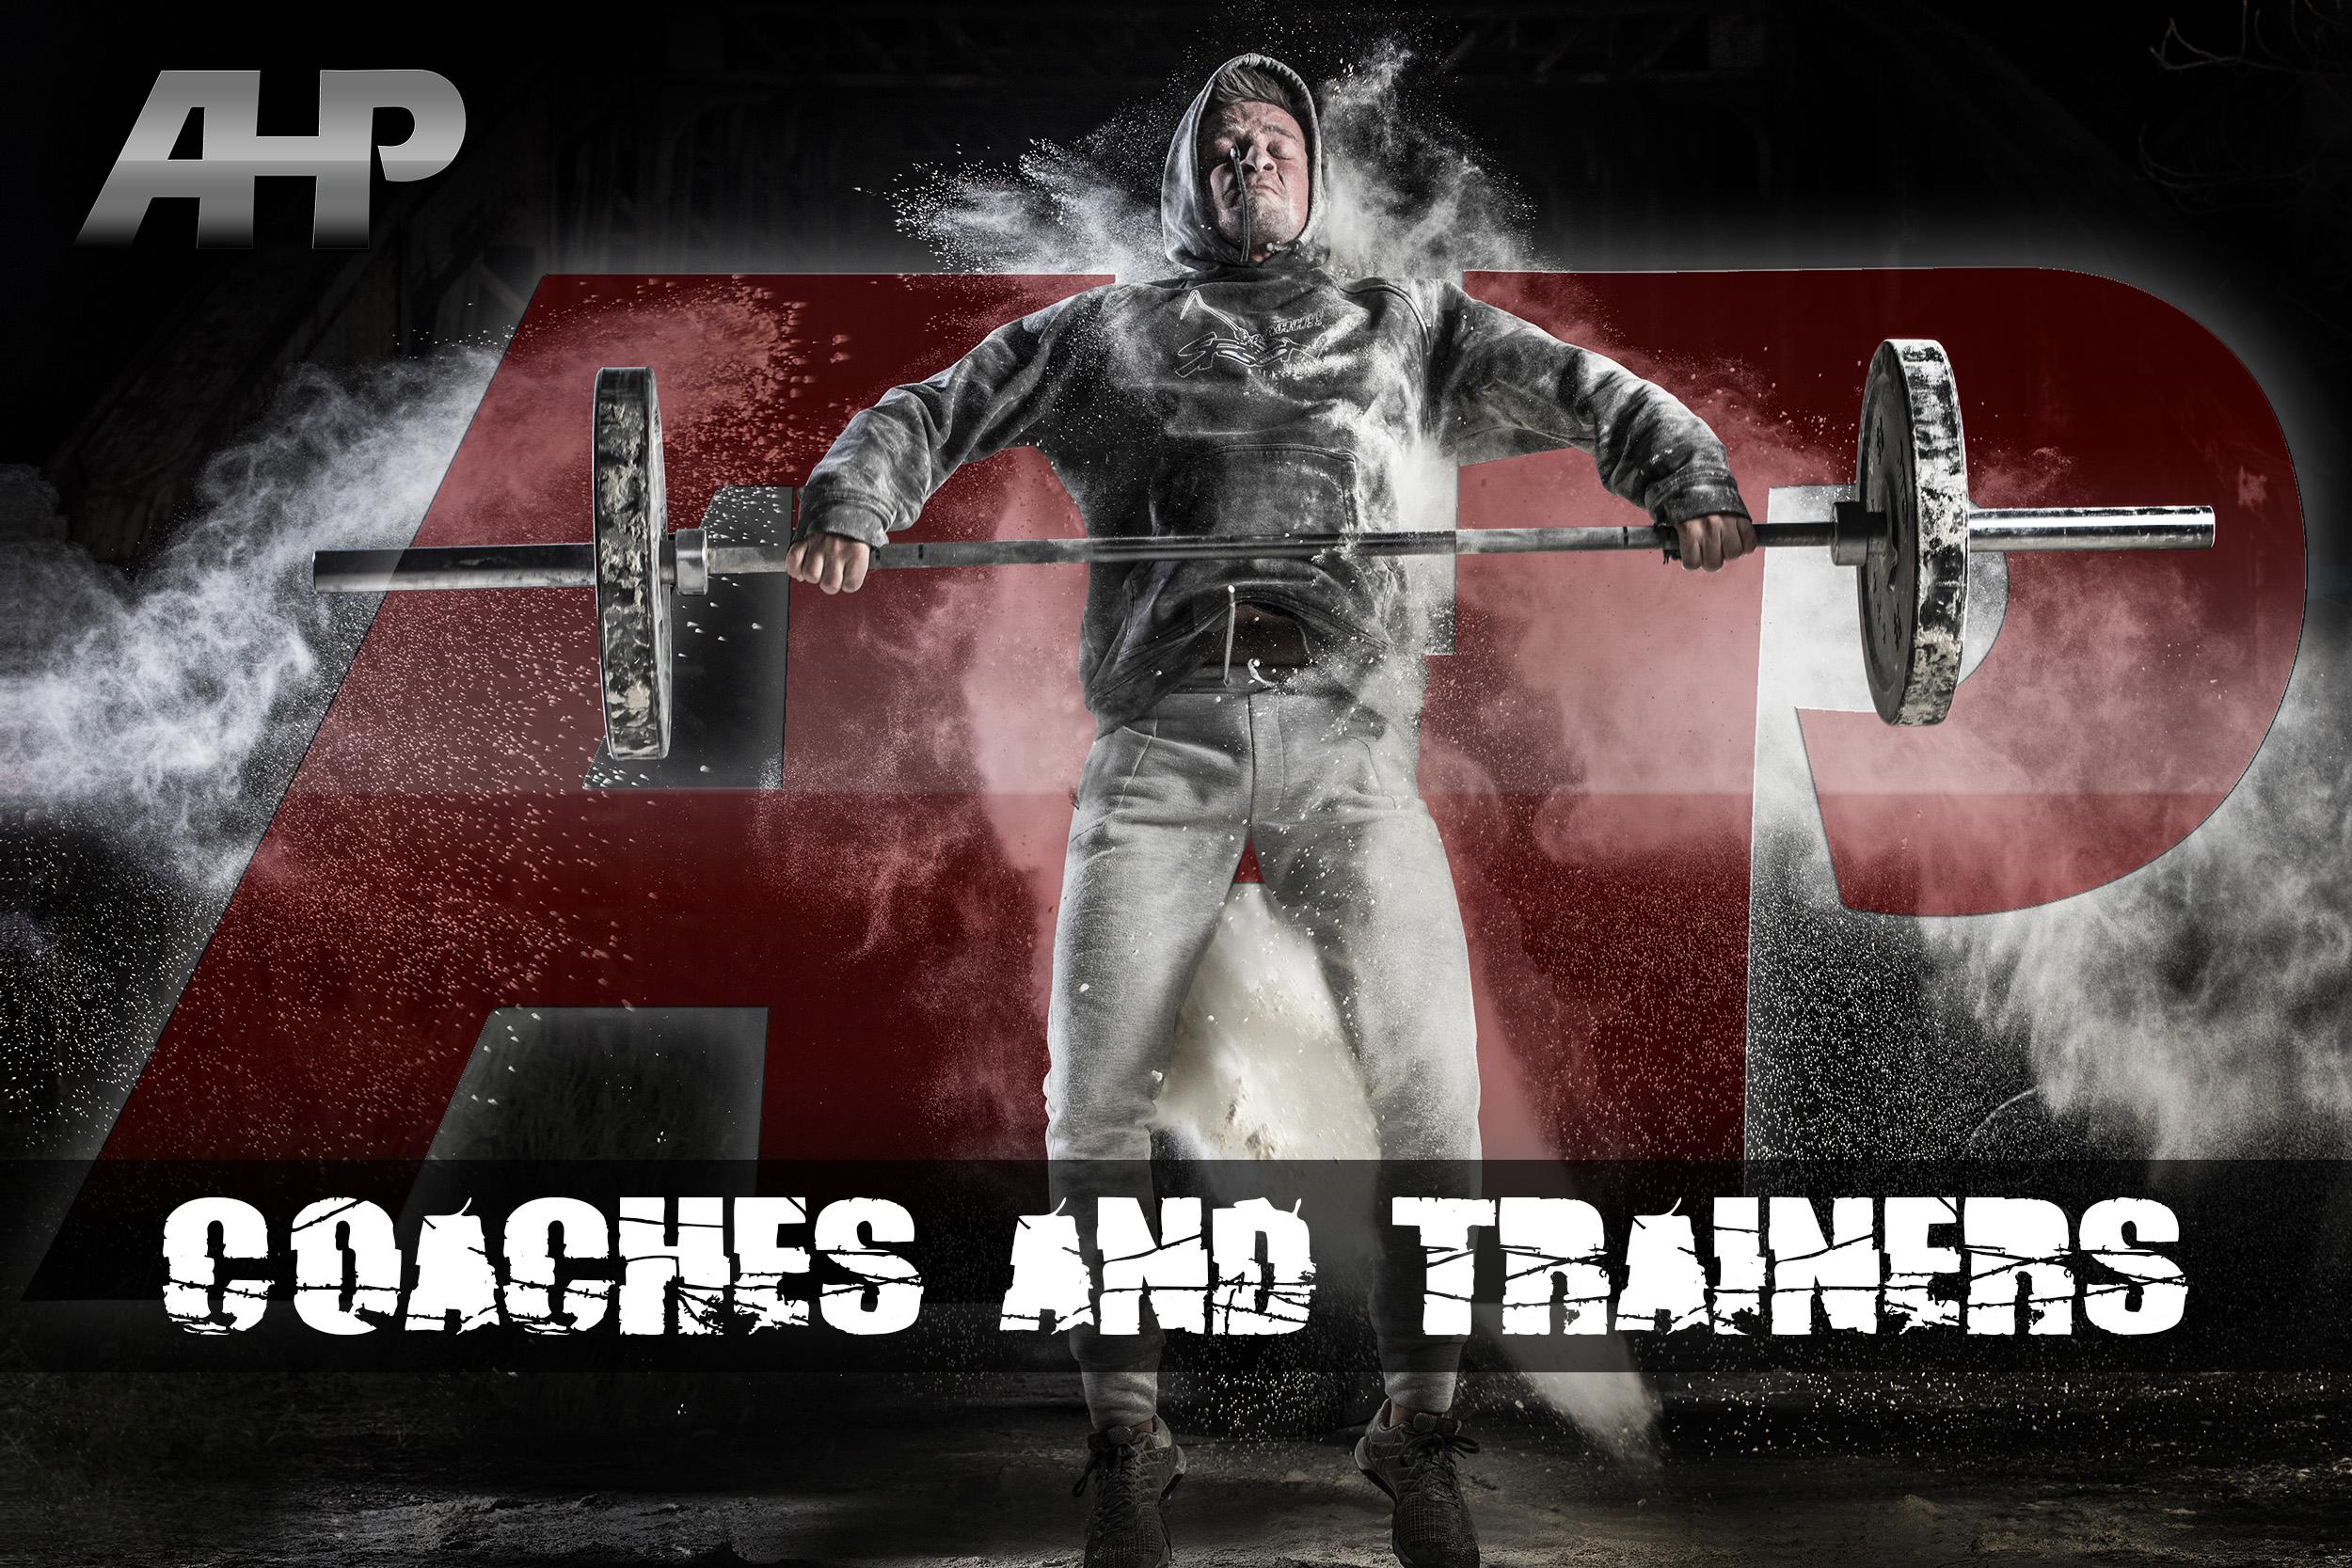 Coaches & Trainers Thumbnail (AHP).jpg